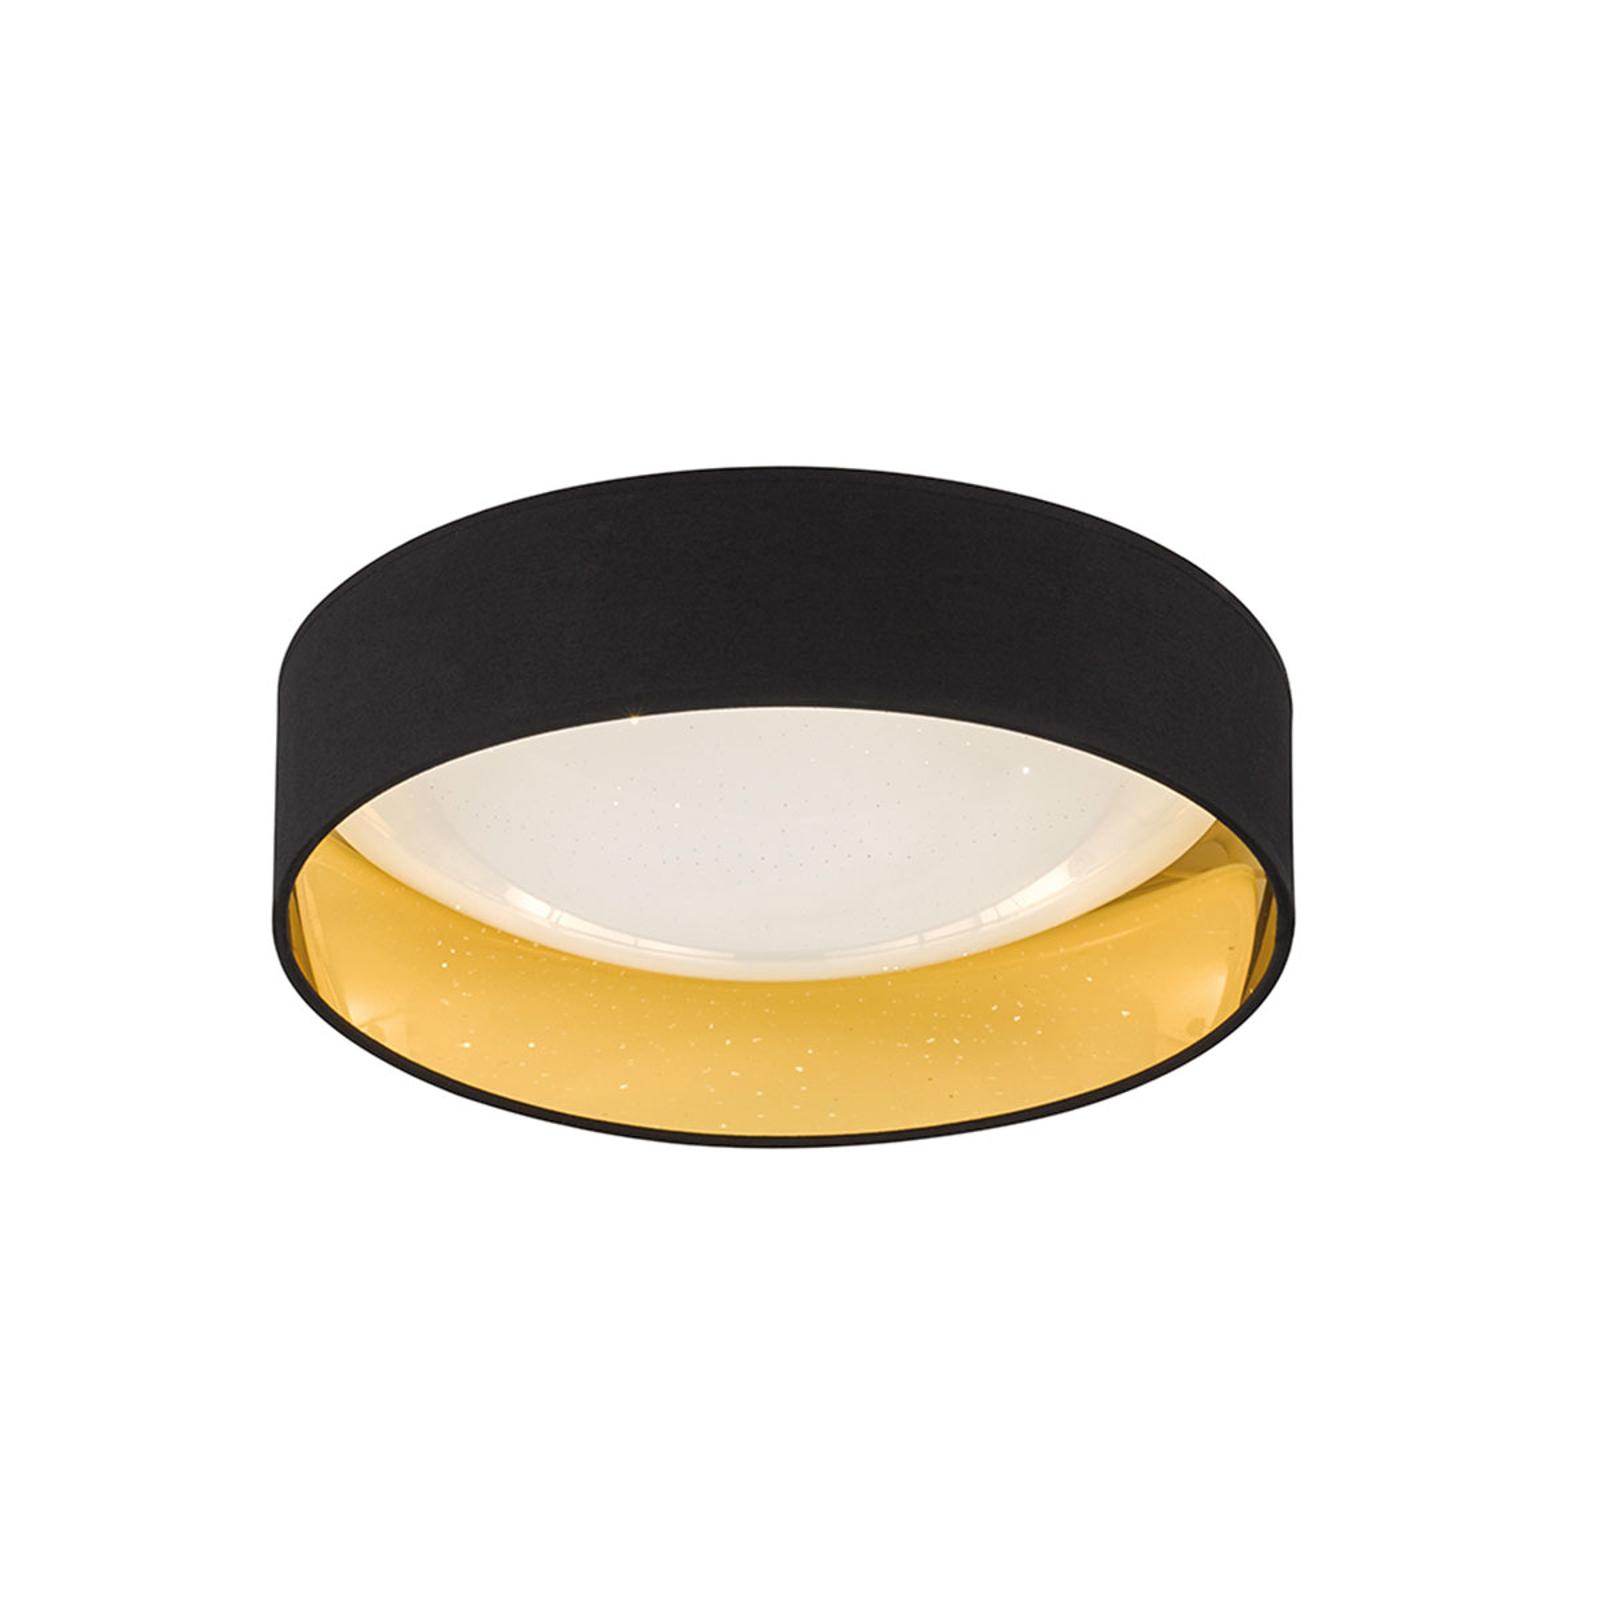 Svart, gyllen LED-taklampe Sete Ø 40 cm